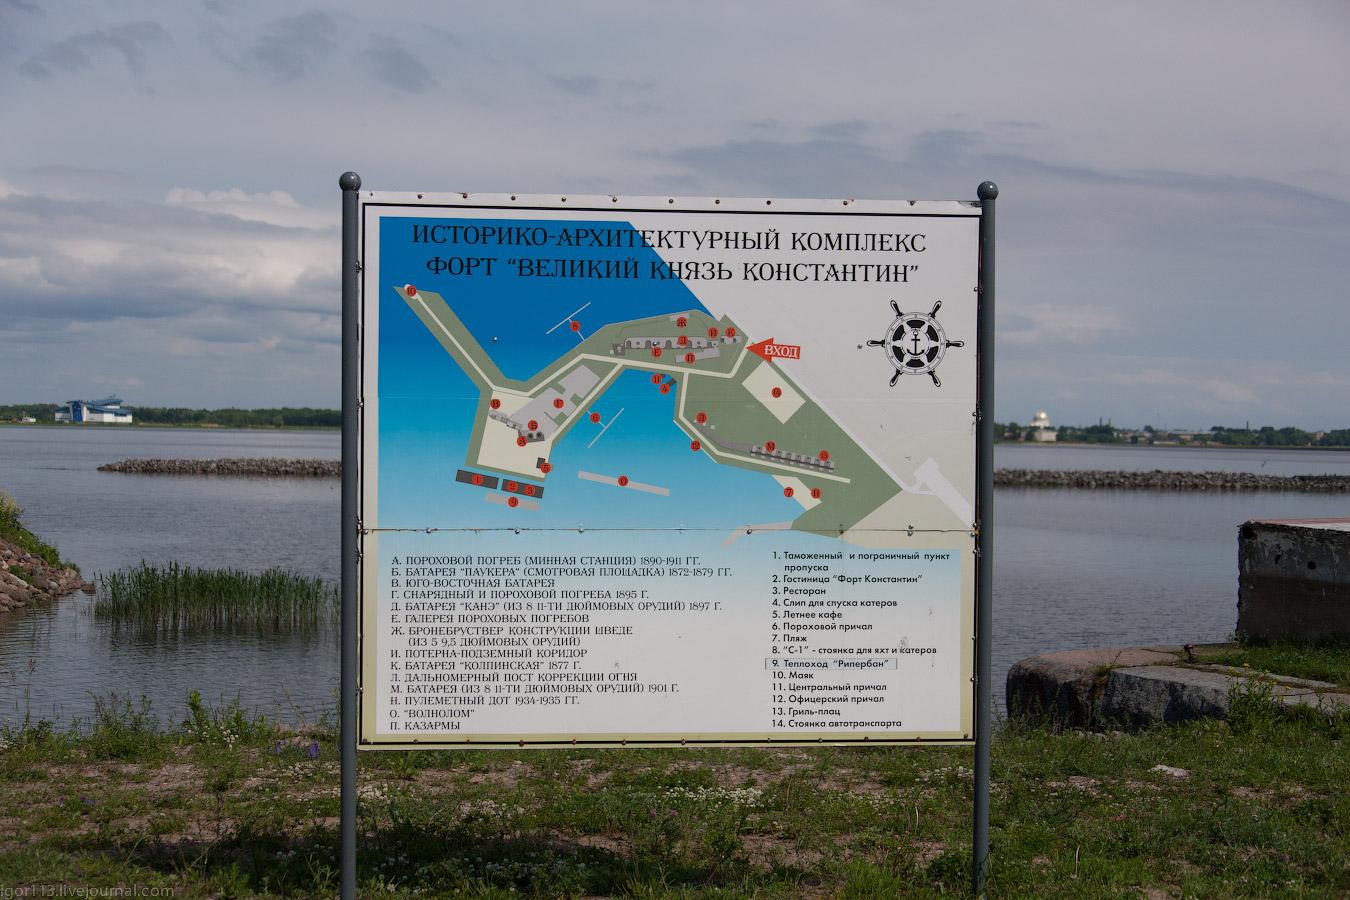 KIL_1708